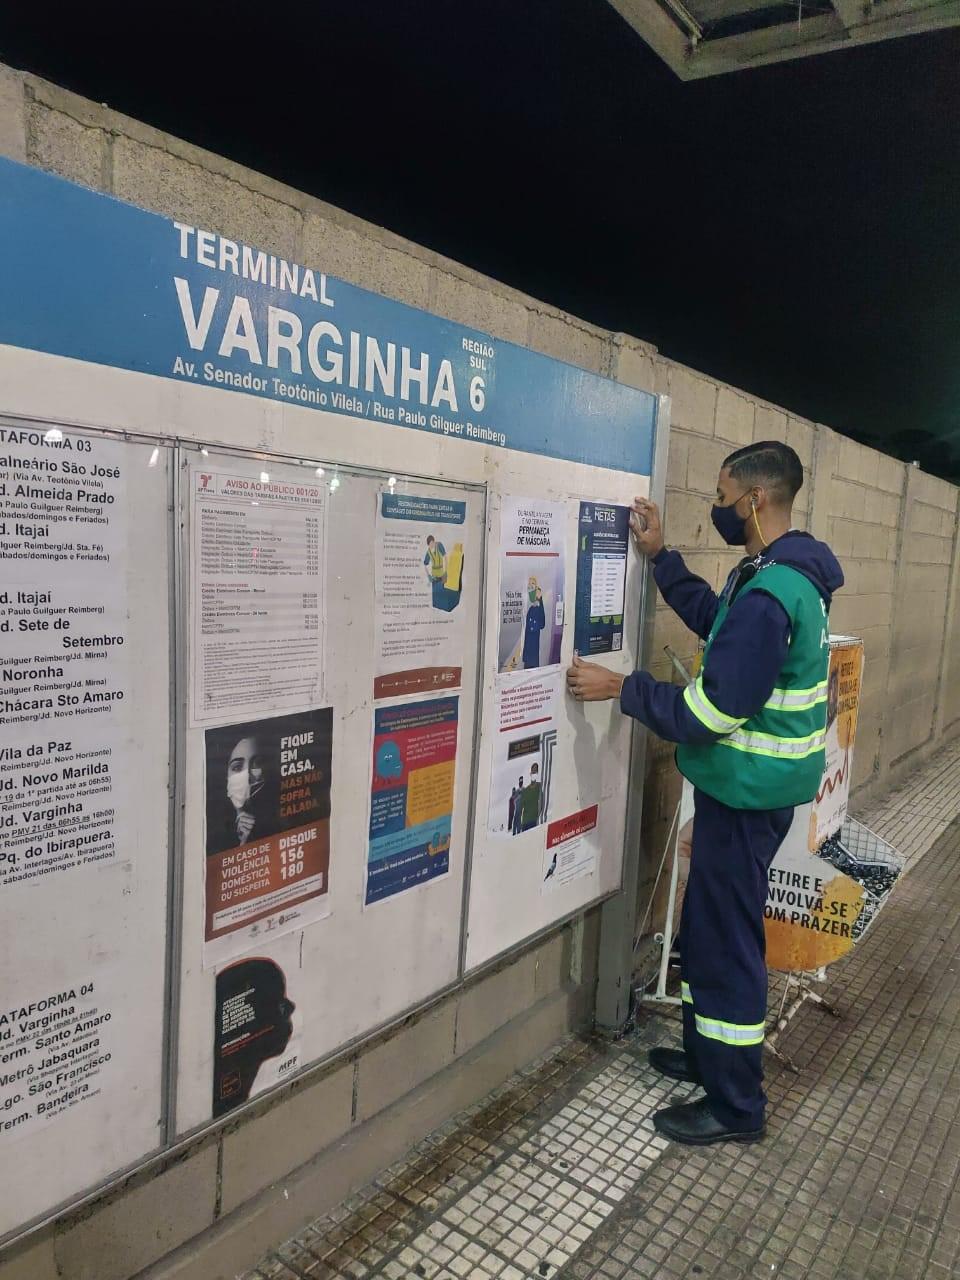 funcionário da prefeitura colando cartaz no terminal Varginha